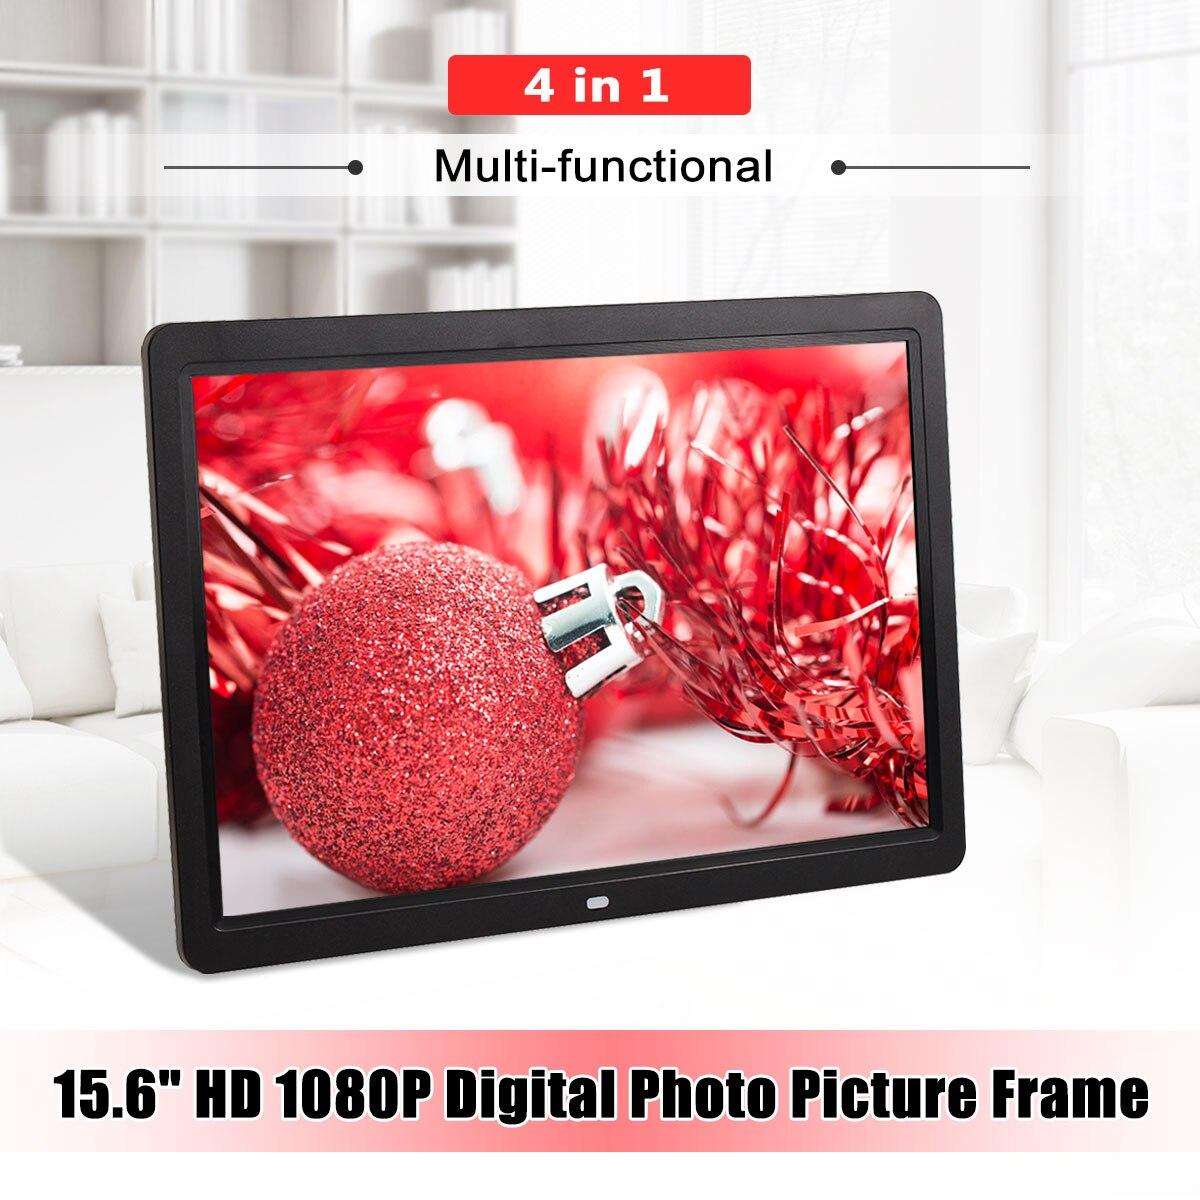 12 Безрамное HD цифровое изображение электронный альбом фоторамка фильм MP4 плеер Дистанционное управление Фото Сигнализация часы украшение